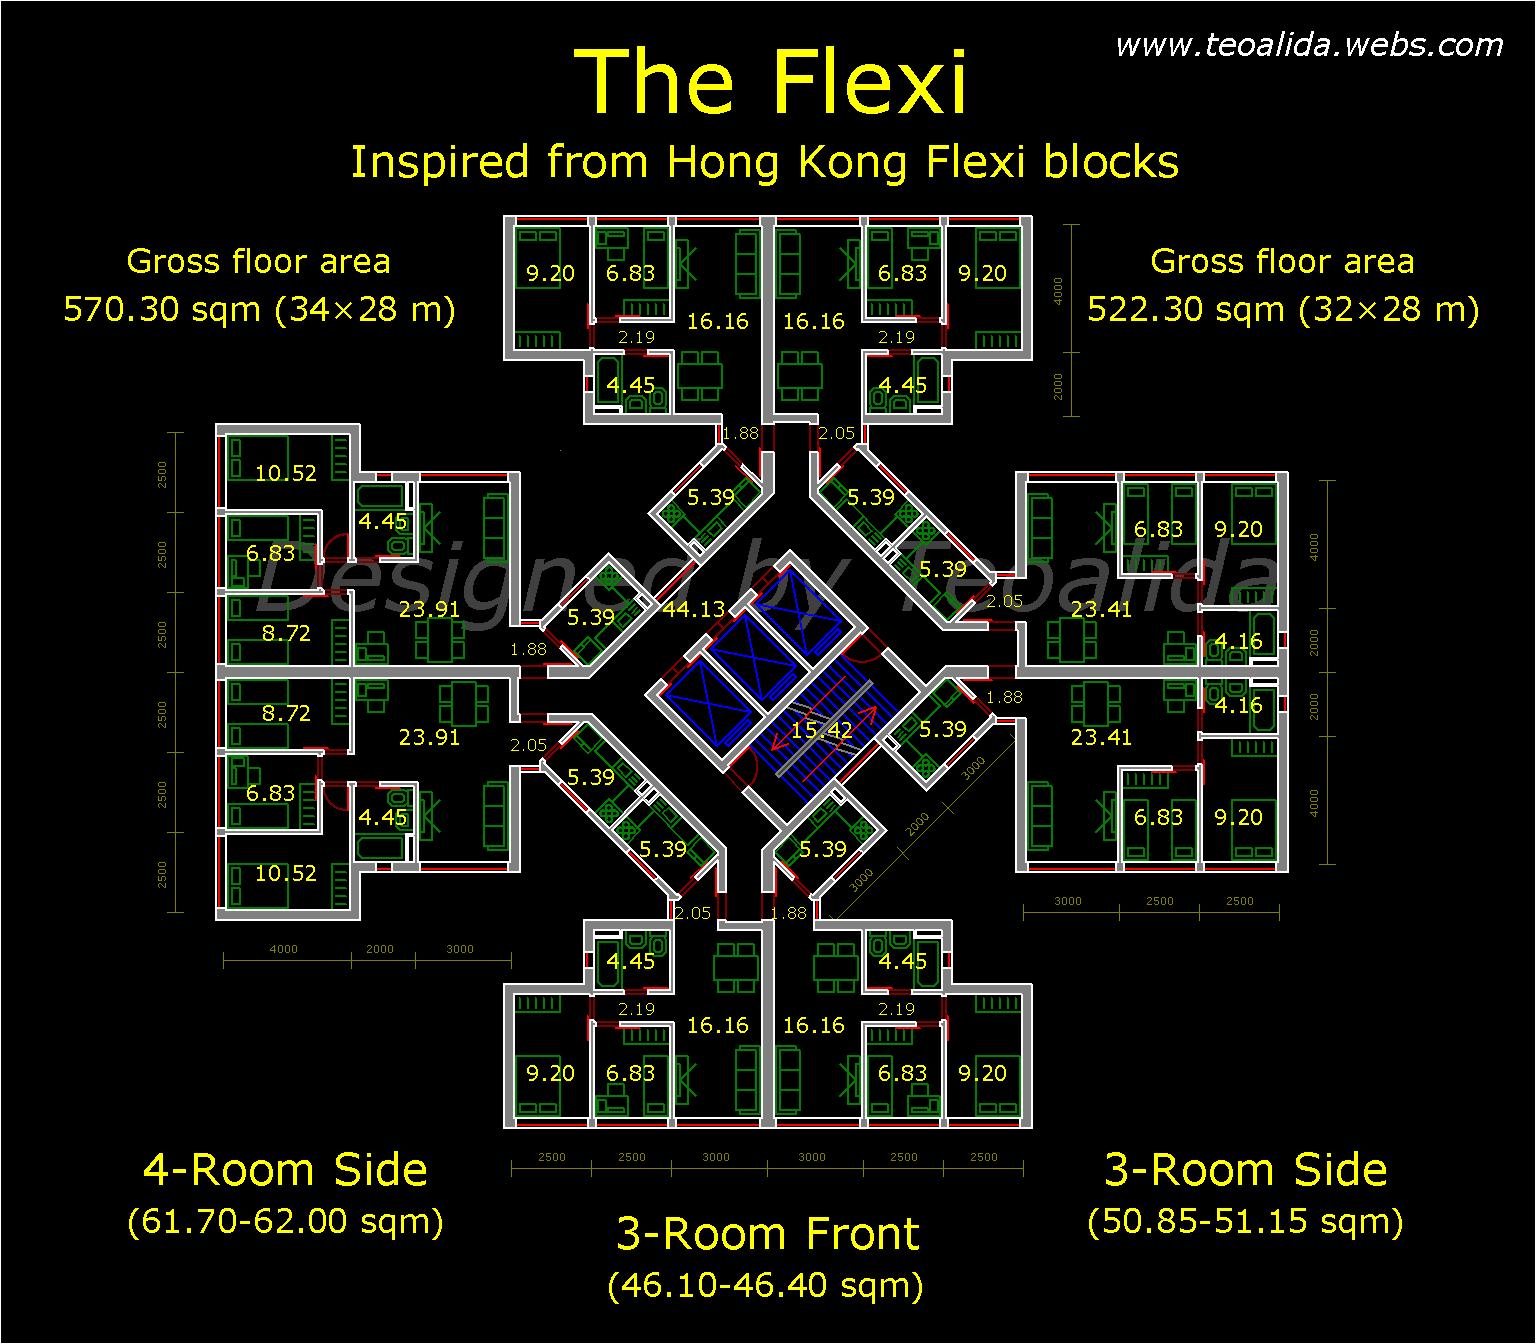 HK Flexi